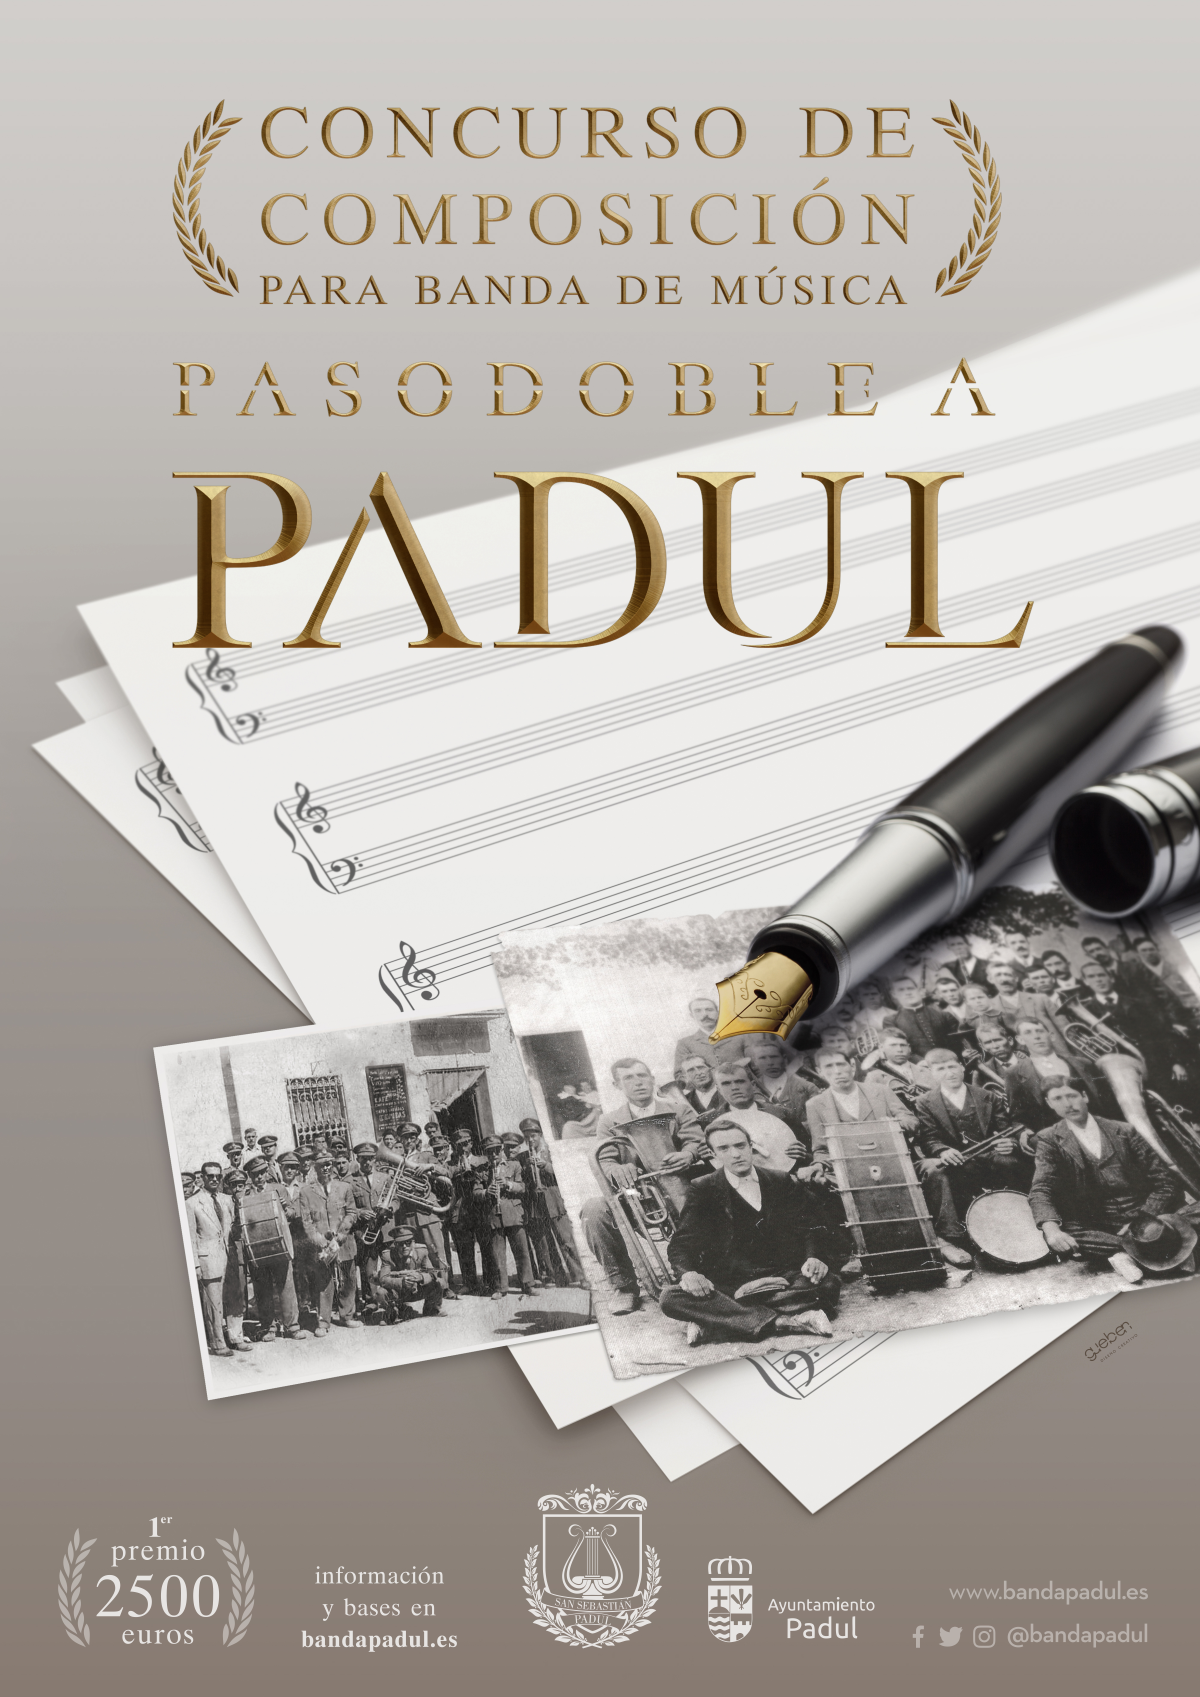 CONCURSO PASODOBLE PADUL